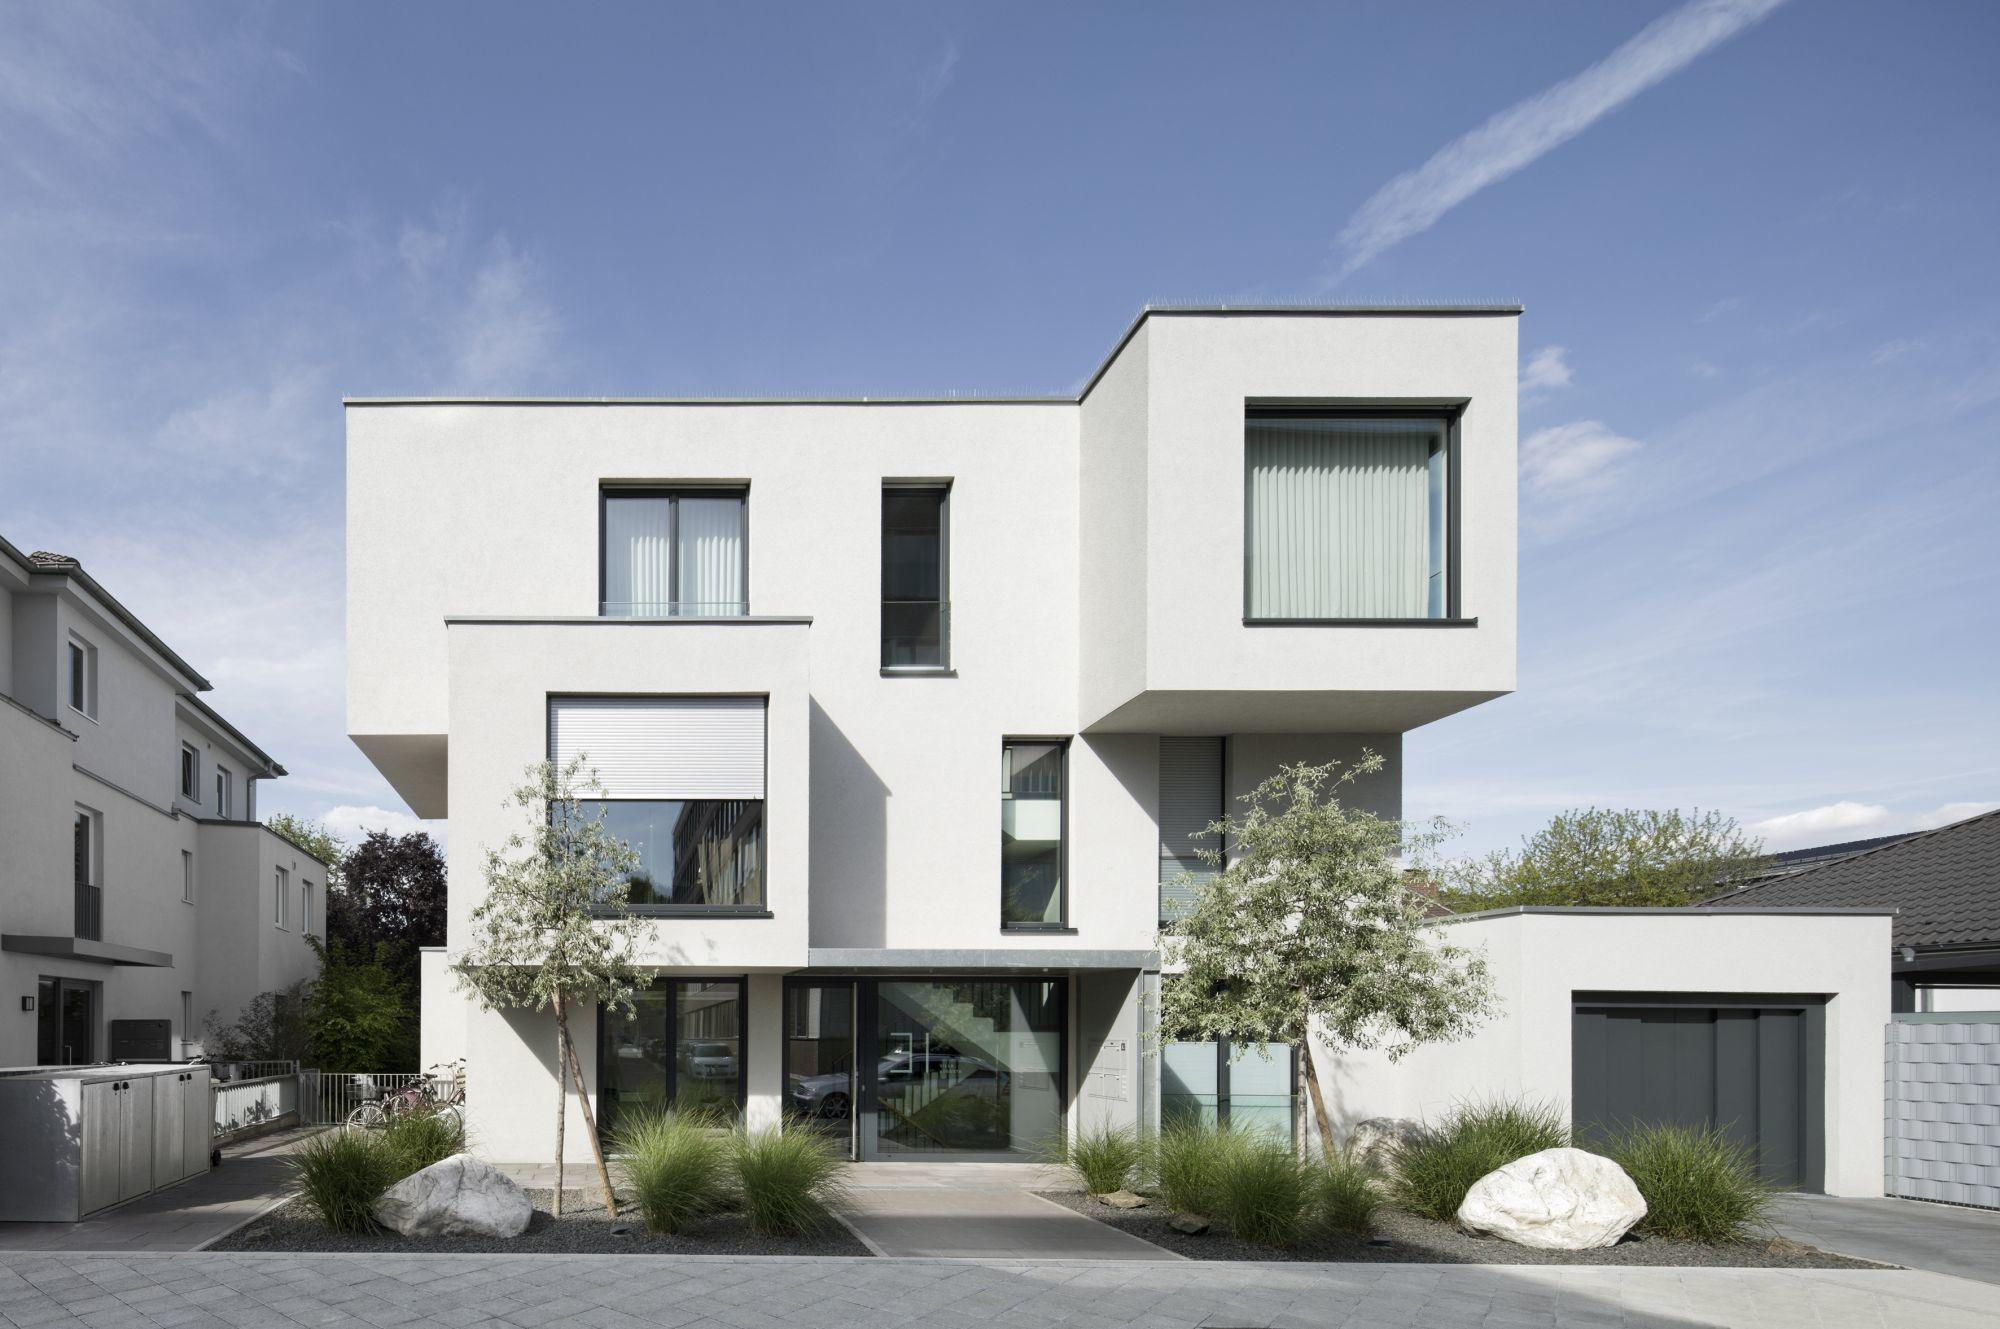 Architekten In Mannheim villa augusta oststadt mannheim motorlab mannheim architekten